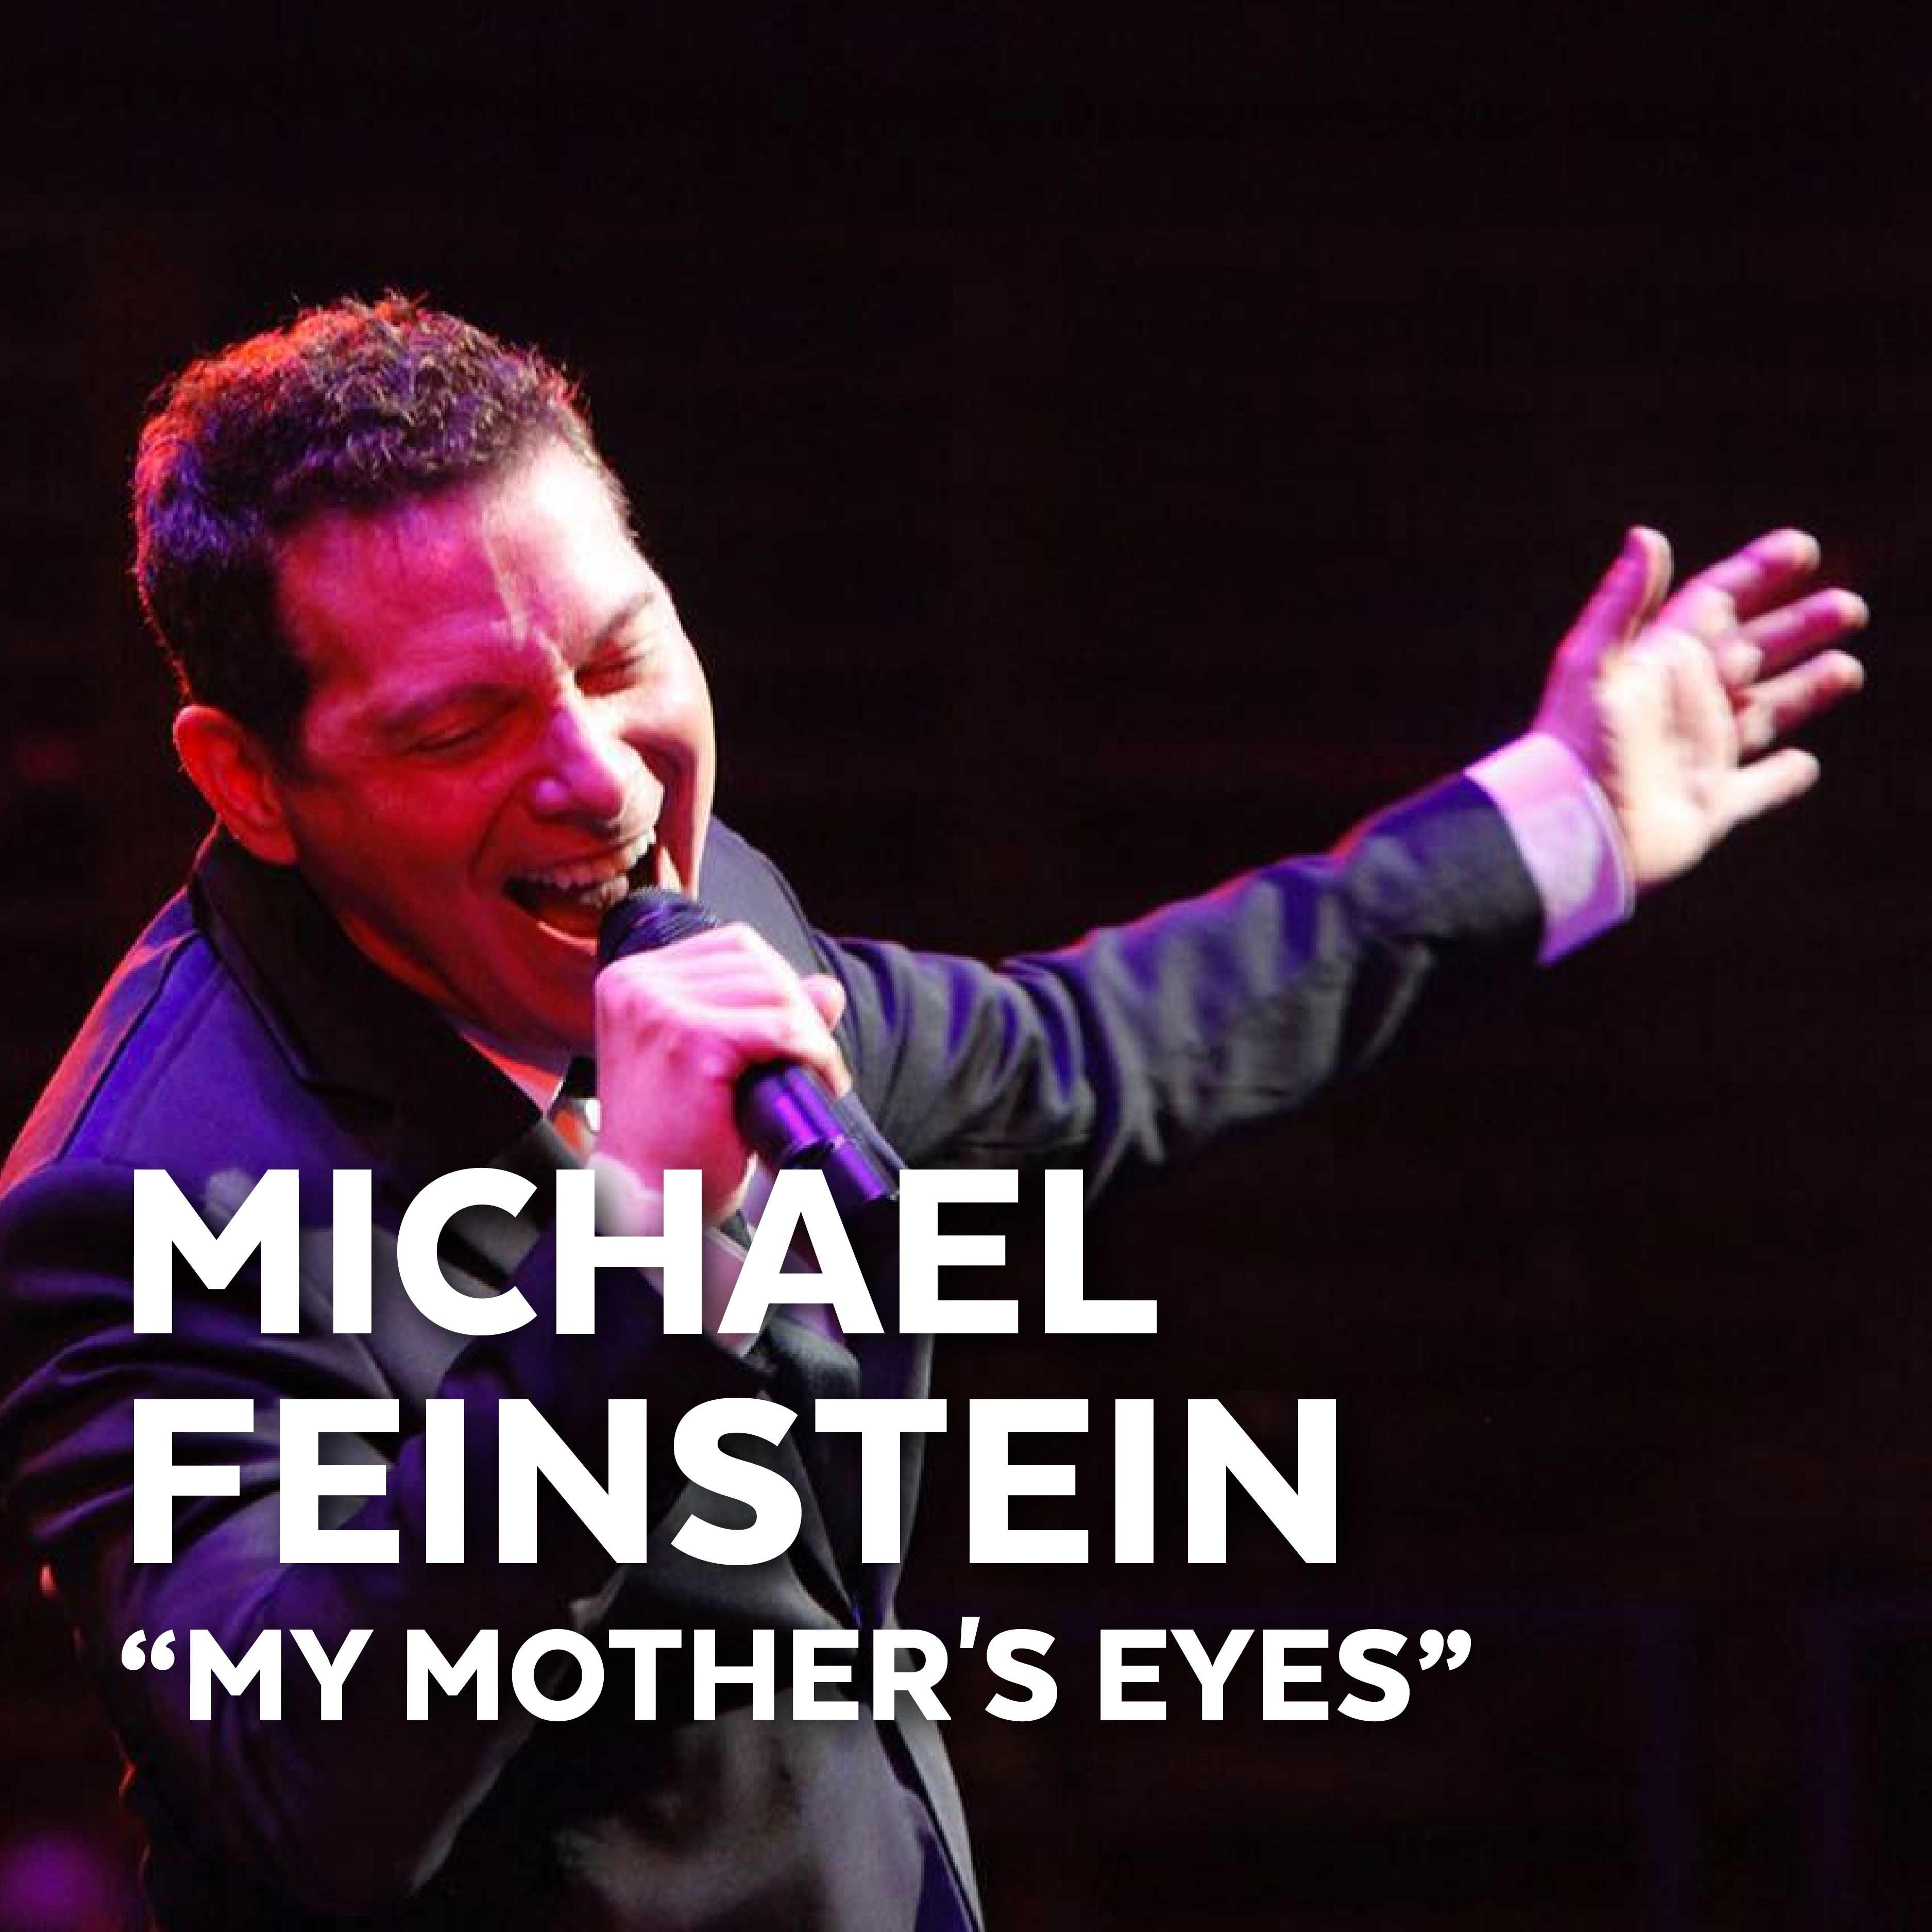 MichaelFeinstein-01.jpg